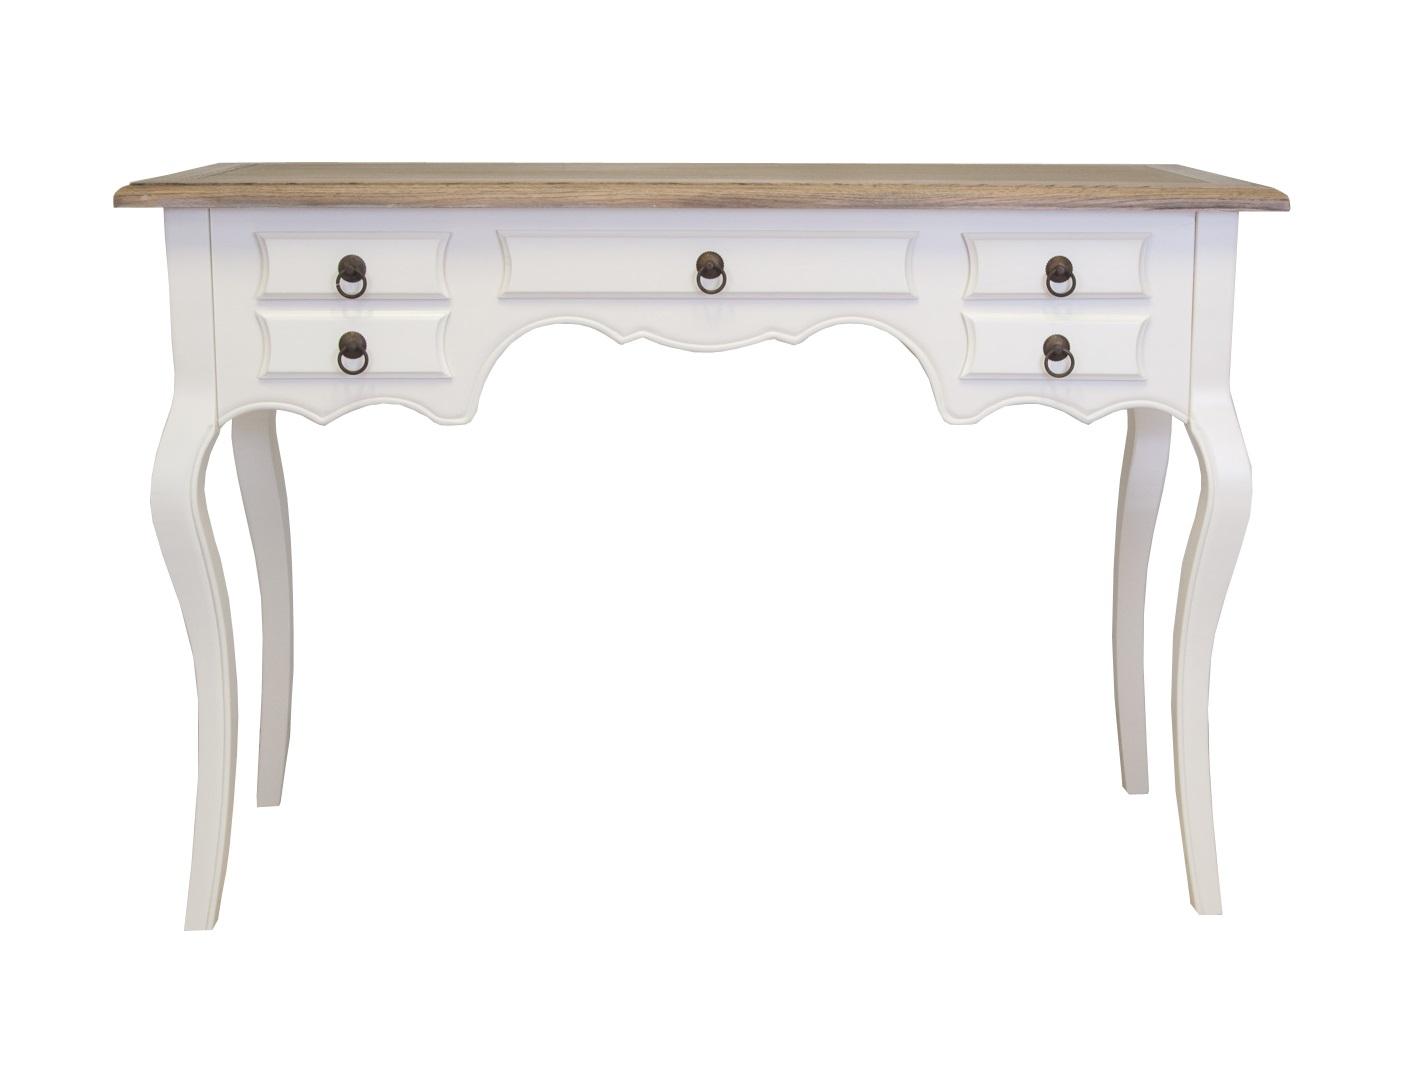 Консоль MonisТуалетные столики<br>Консоль Monis завараживает своими формами. Класический дизайн подчеркнет изящесво интерьера ее владельца. Консоль можно установить в спальне, прихожей или в гостиной.&amp;amp;nbsp;&amp;lt;div&amp;gt;&amp;lt;br&amp;gt;&amp;lt;/div&amp;gt;&amp;lt;div&amp;gt;Материал Массив дуба, Массив березы, МДФ&amp;amp;nbsp;&amp;lt;/div&amp;gt;<br><br>Material: Дуб<br>Width см: 140<br>Depth см: 50<br>Height см: 78